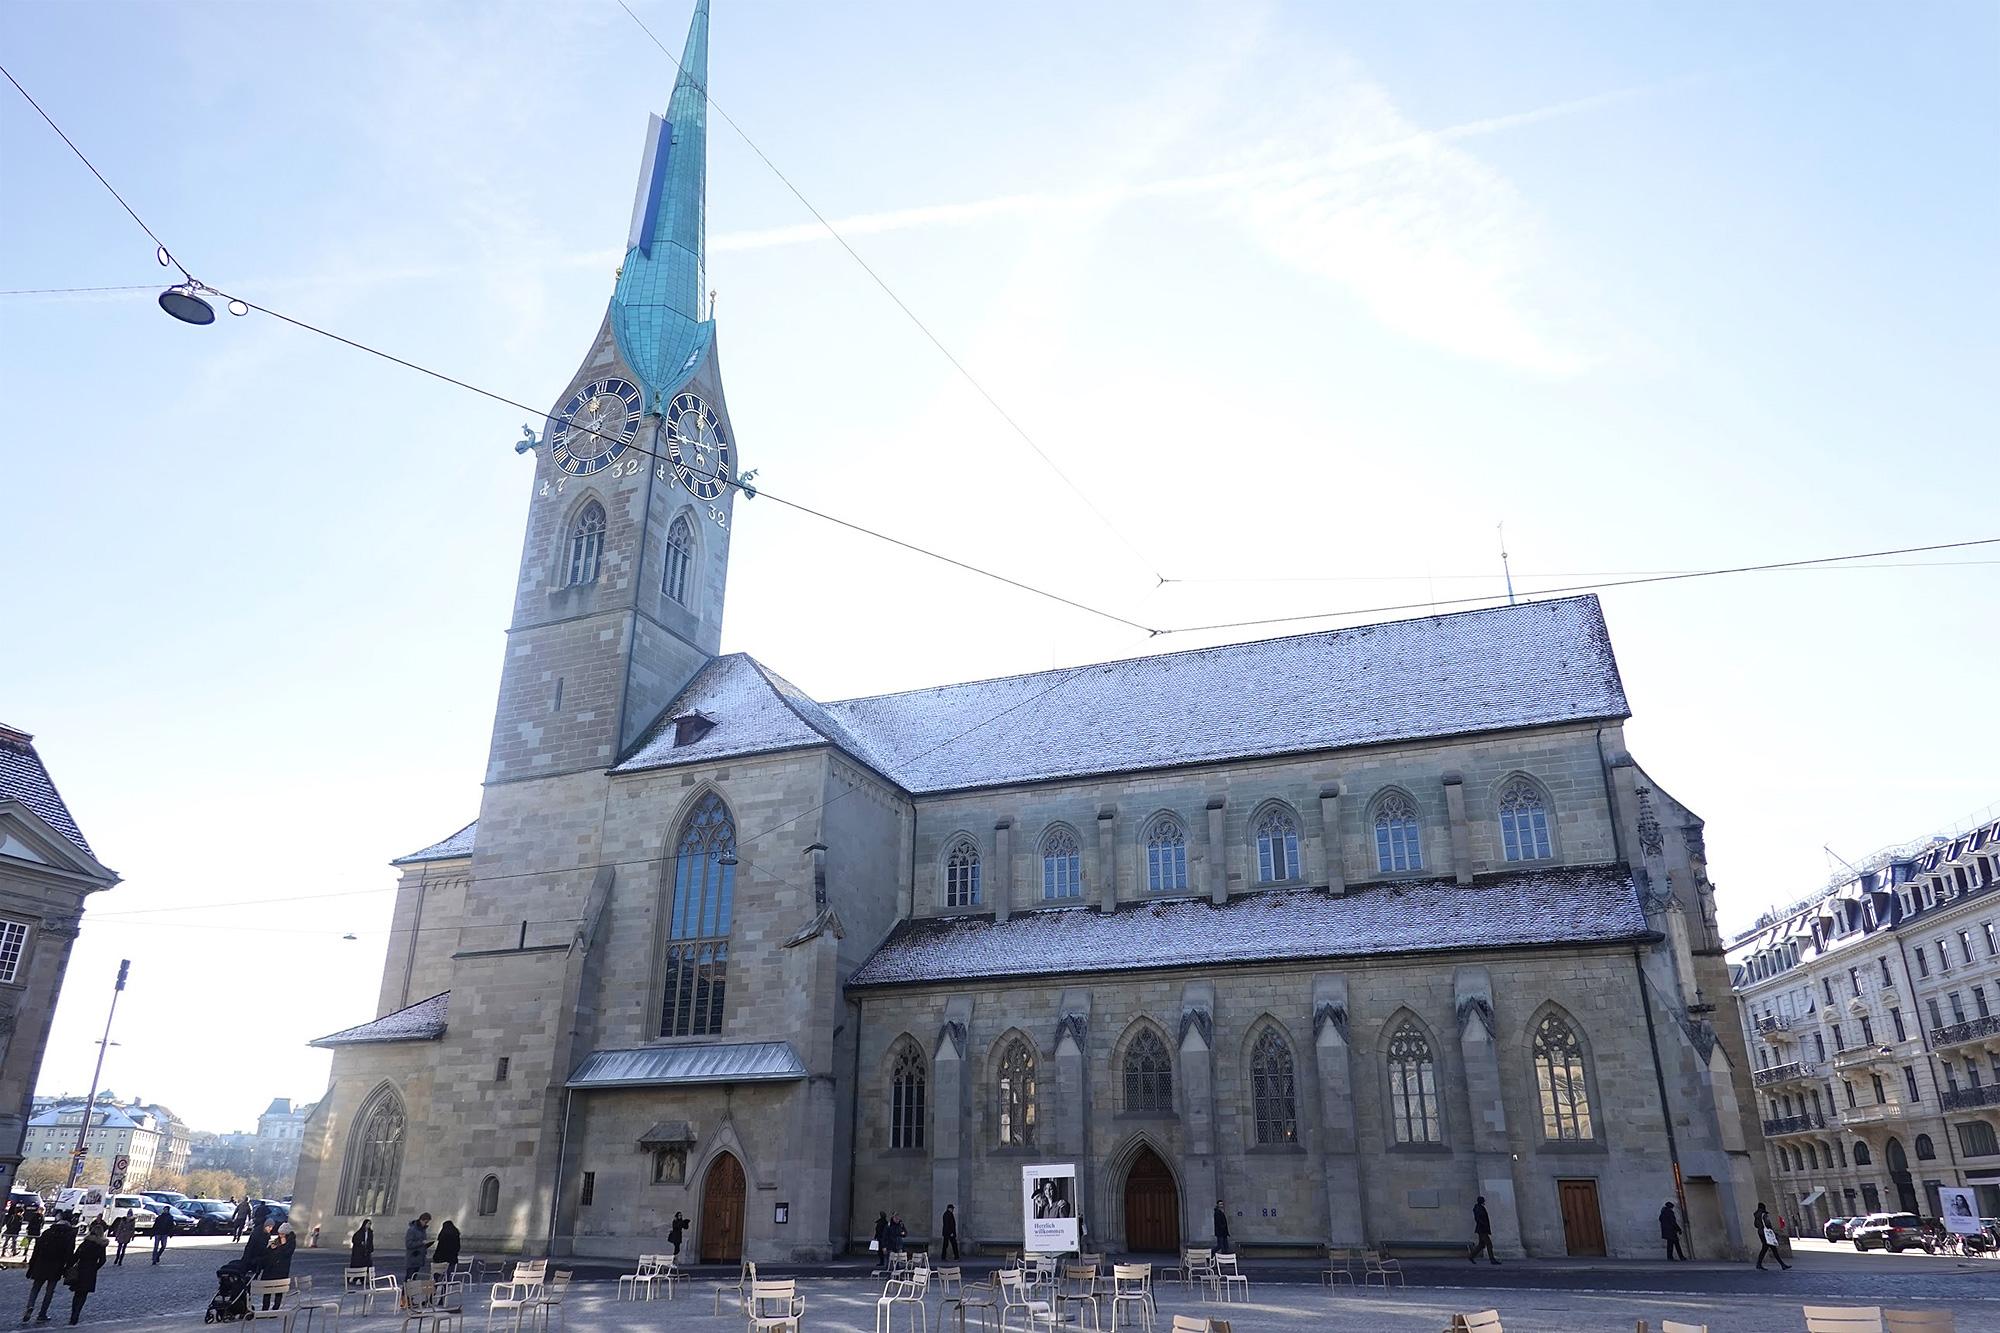 フラウエン教会(聖母教会)の外観、チューリッヒ